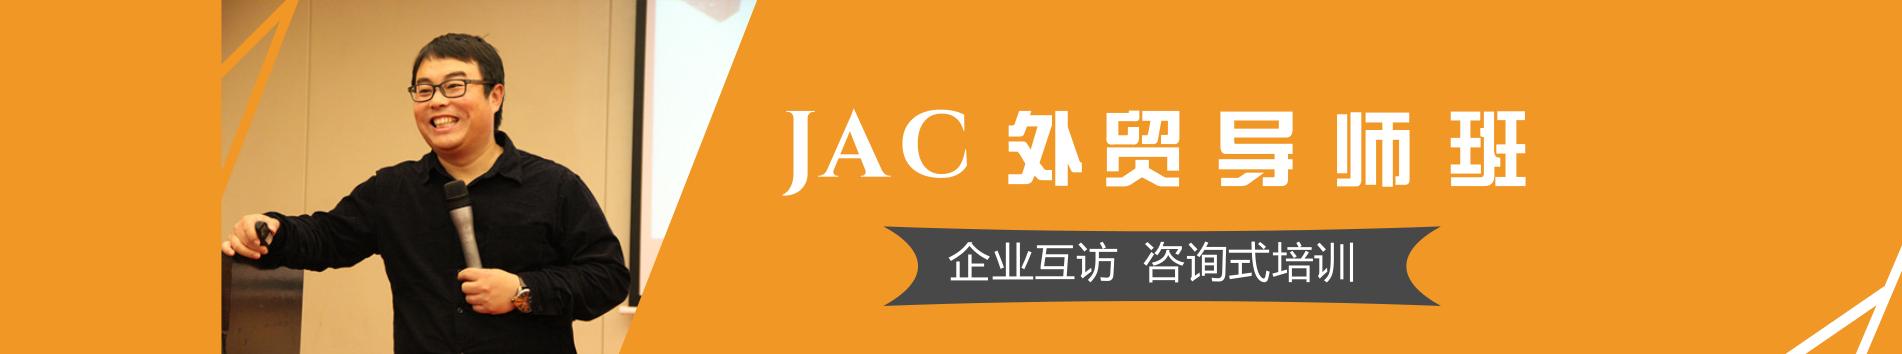 JAC外贸导师班